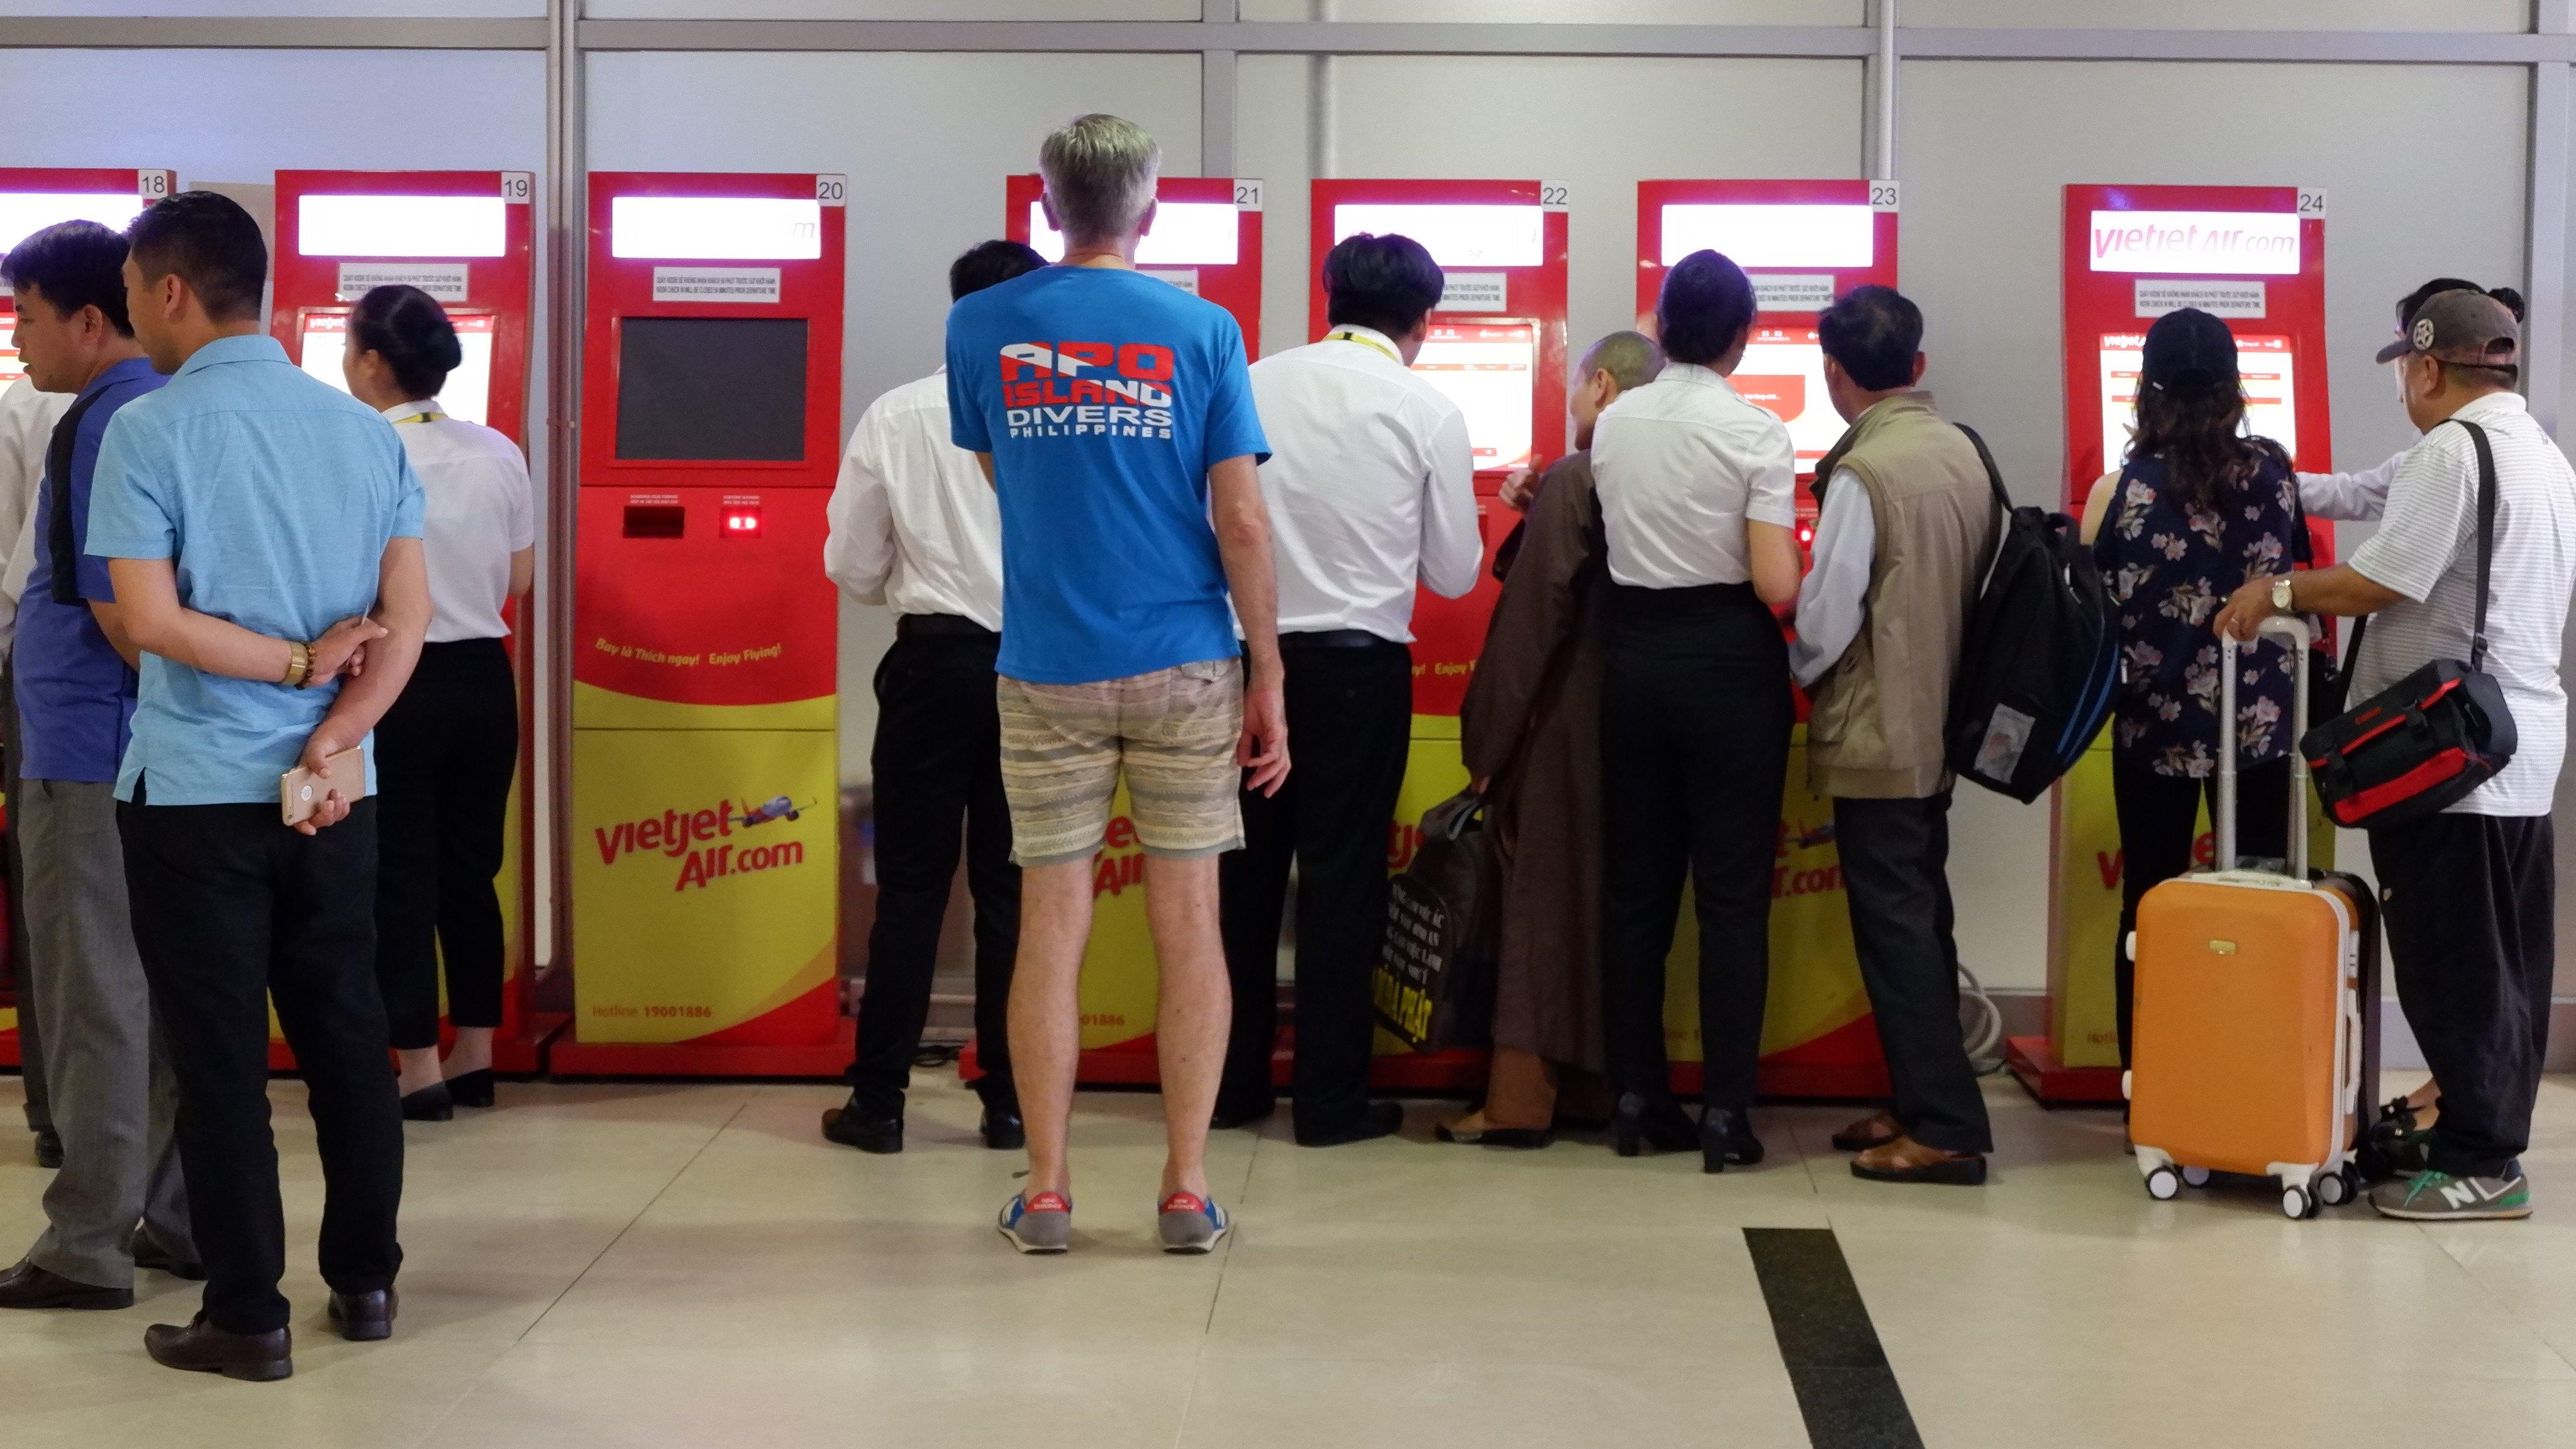 viet-jet-airlines-vietnam (2)